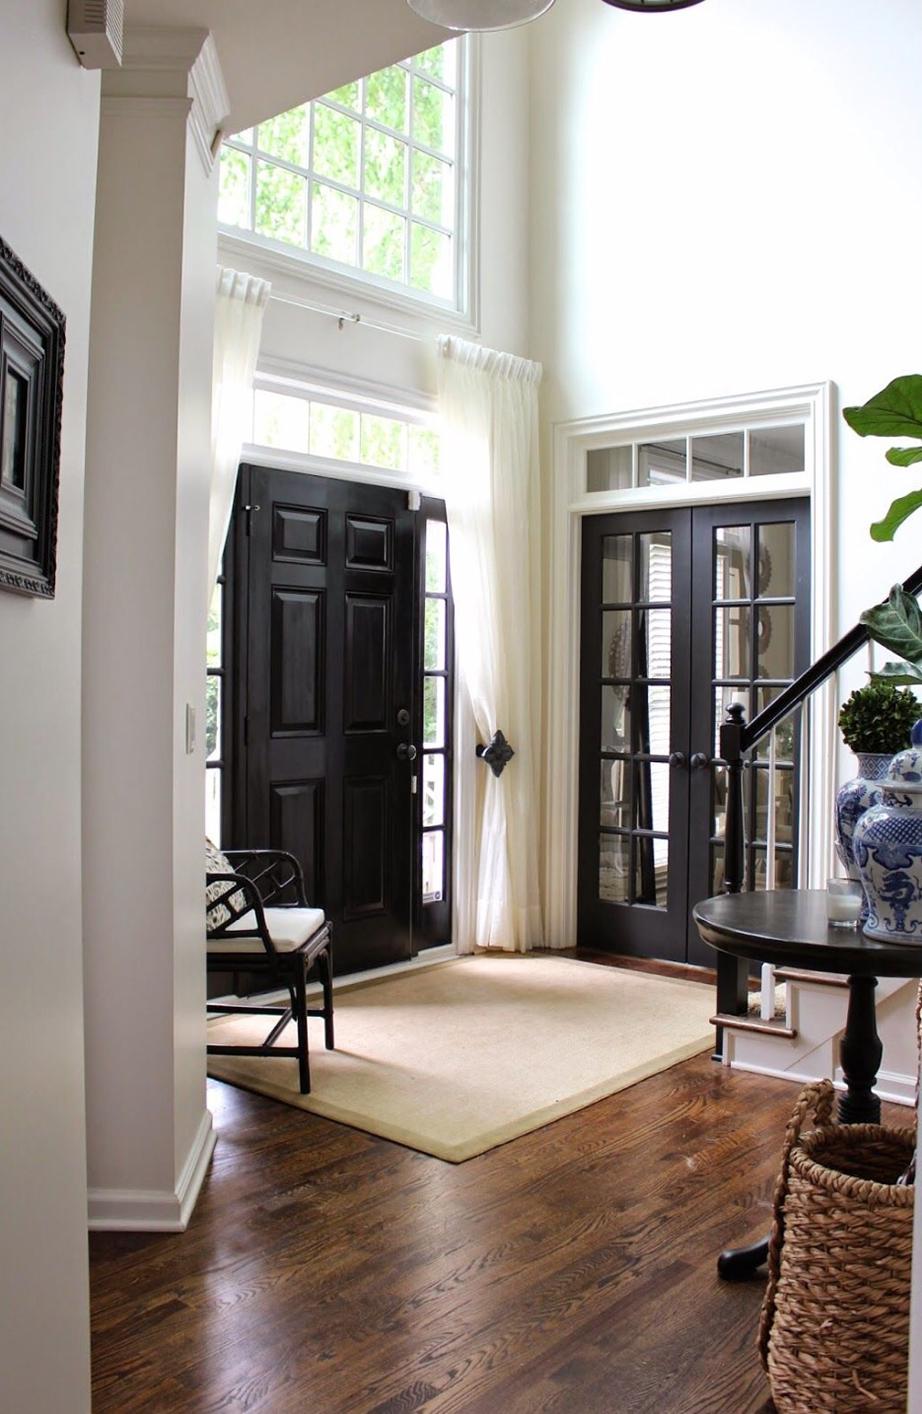 Οι σκάλες για τους επάνω ορόφους μιας κατοικίας δεν θα πρέπει να είναι αντικριστές με την κεντρική είσοδο.